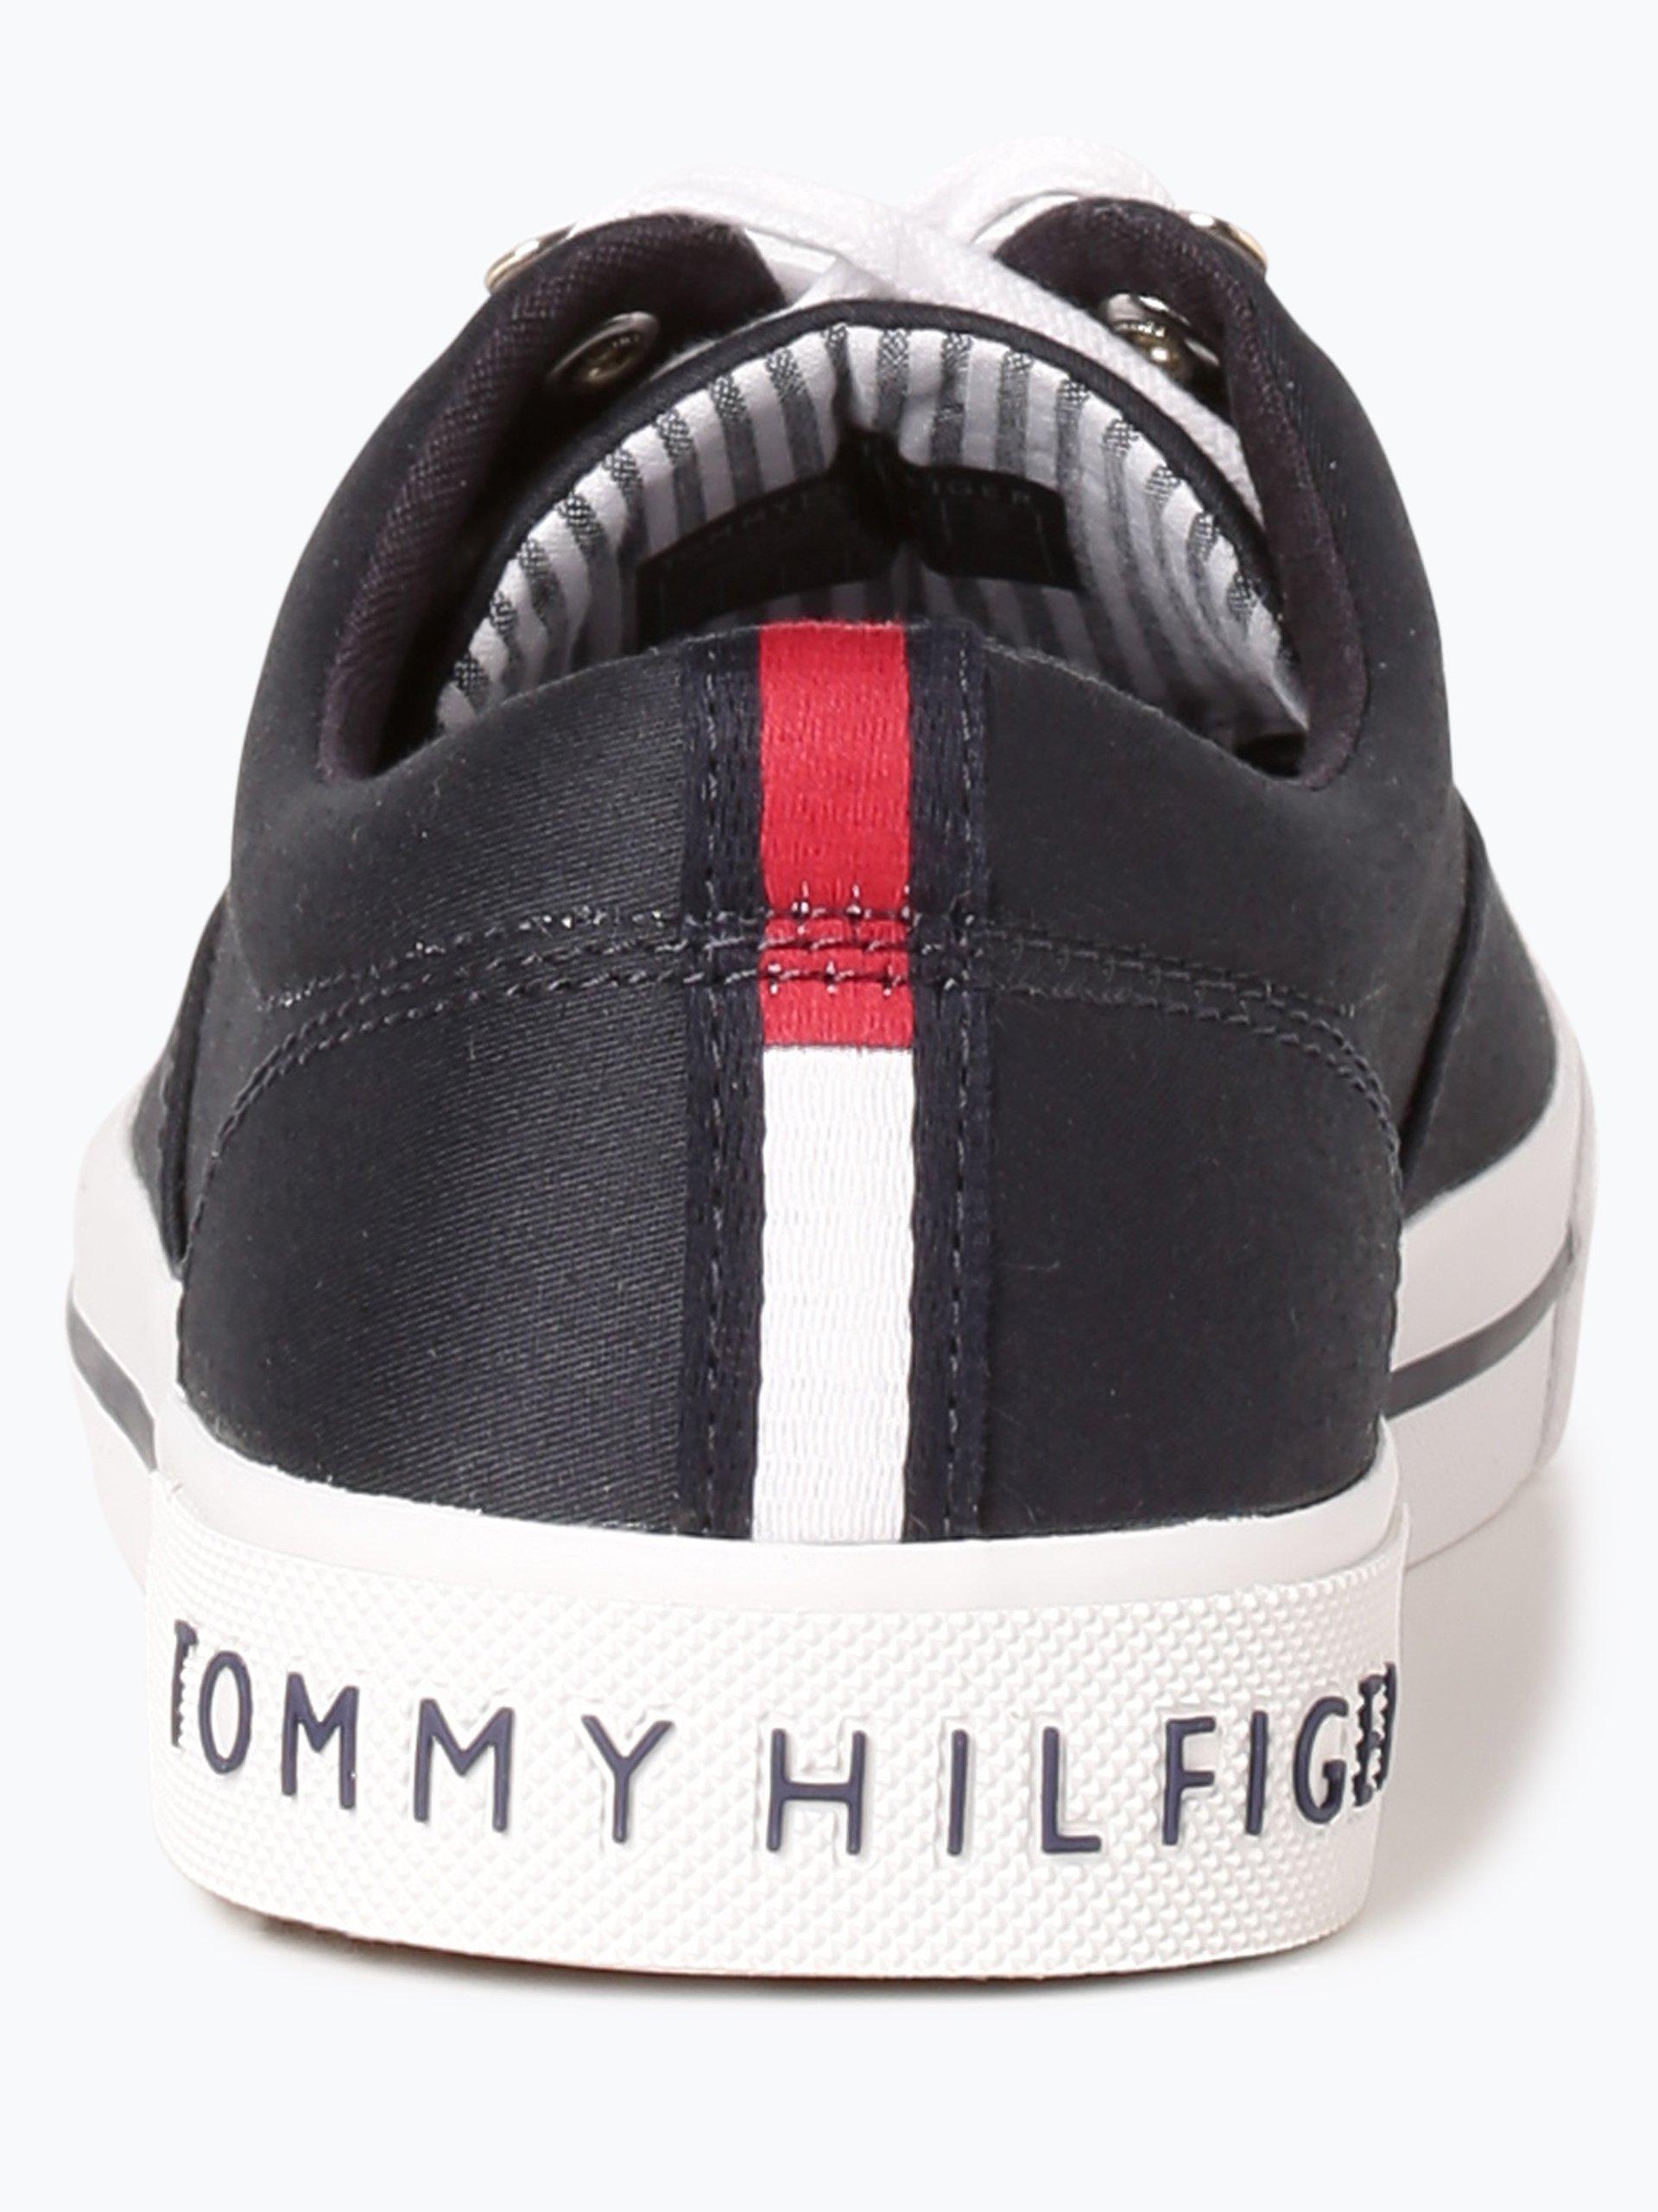 What Is Ce >> Tommy Hilfiger Tenisówki damskie kup online | VANGRAAF.COM